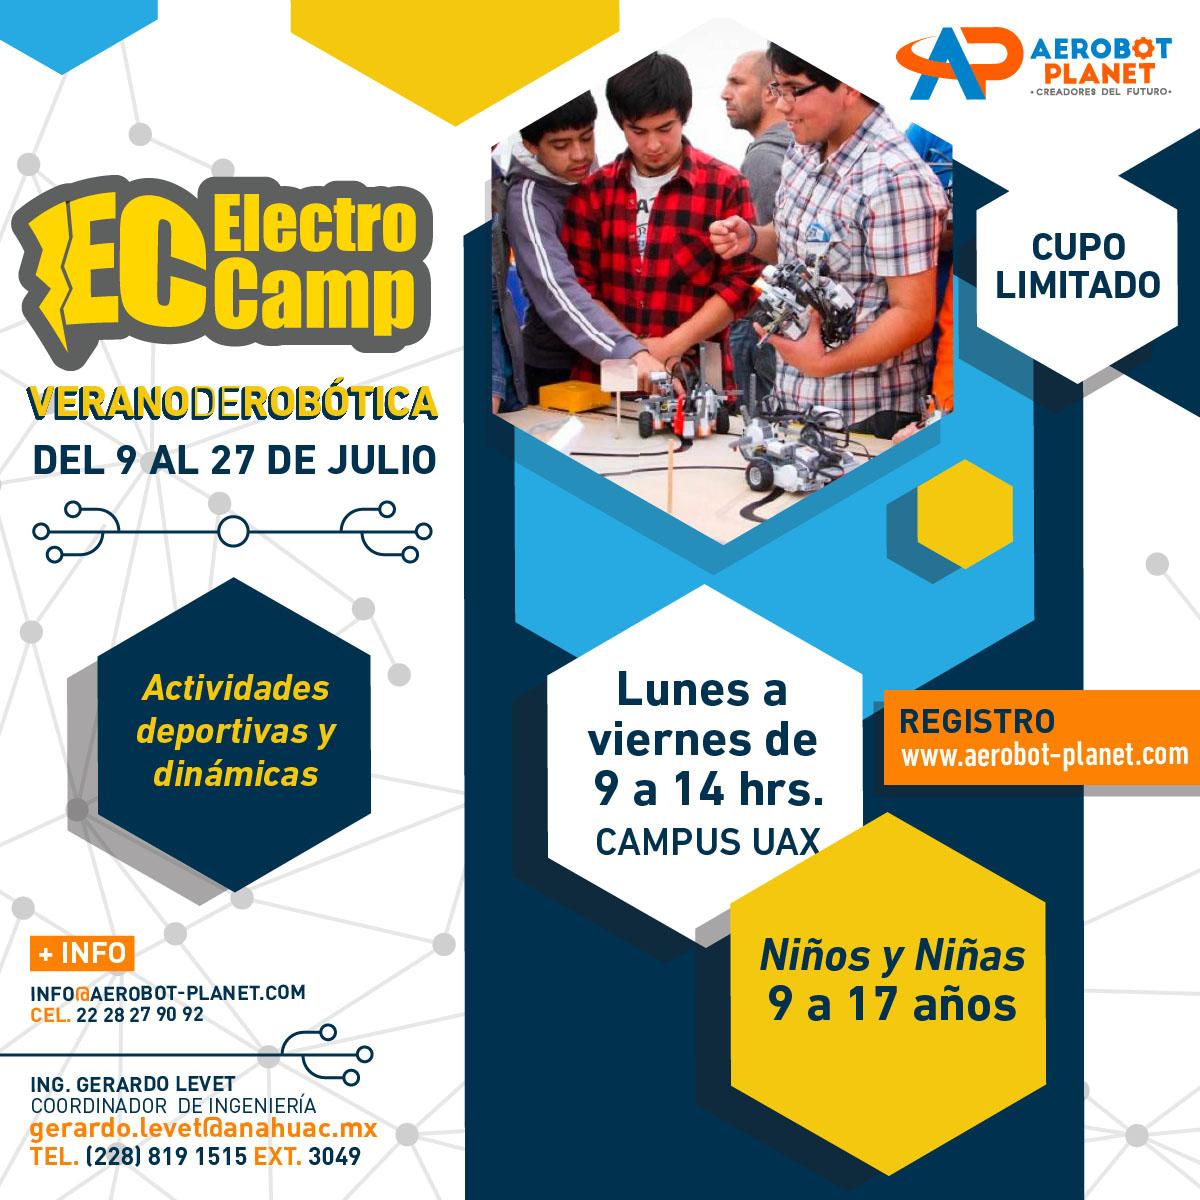 Electro Camp: Verano de Robótica